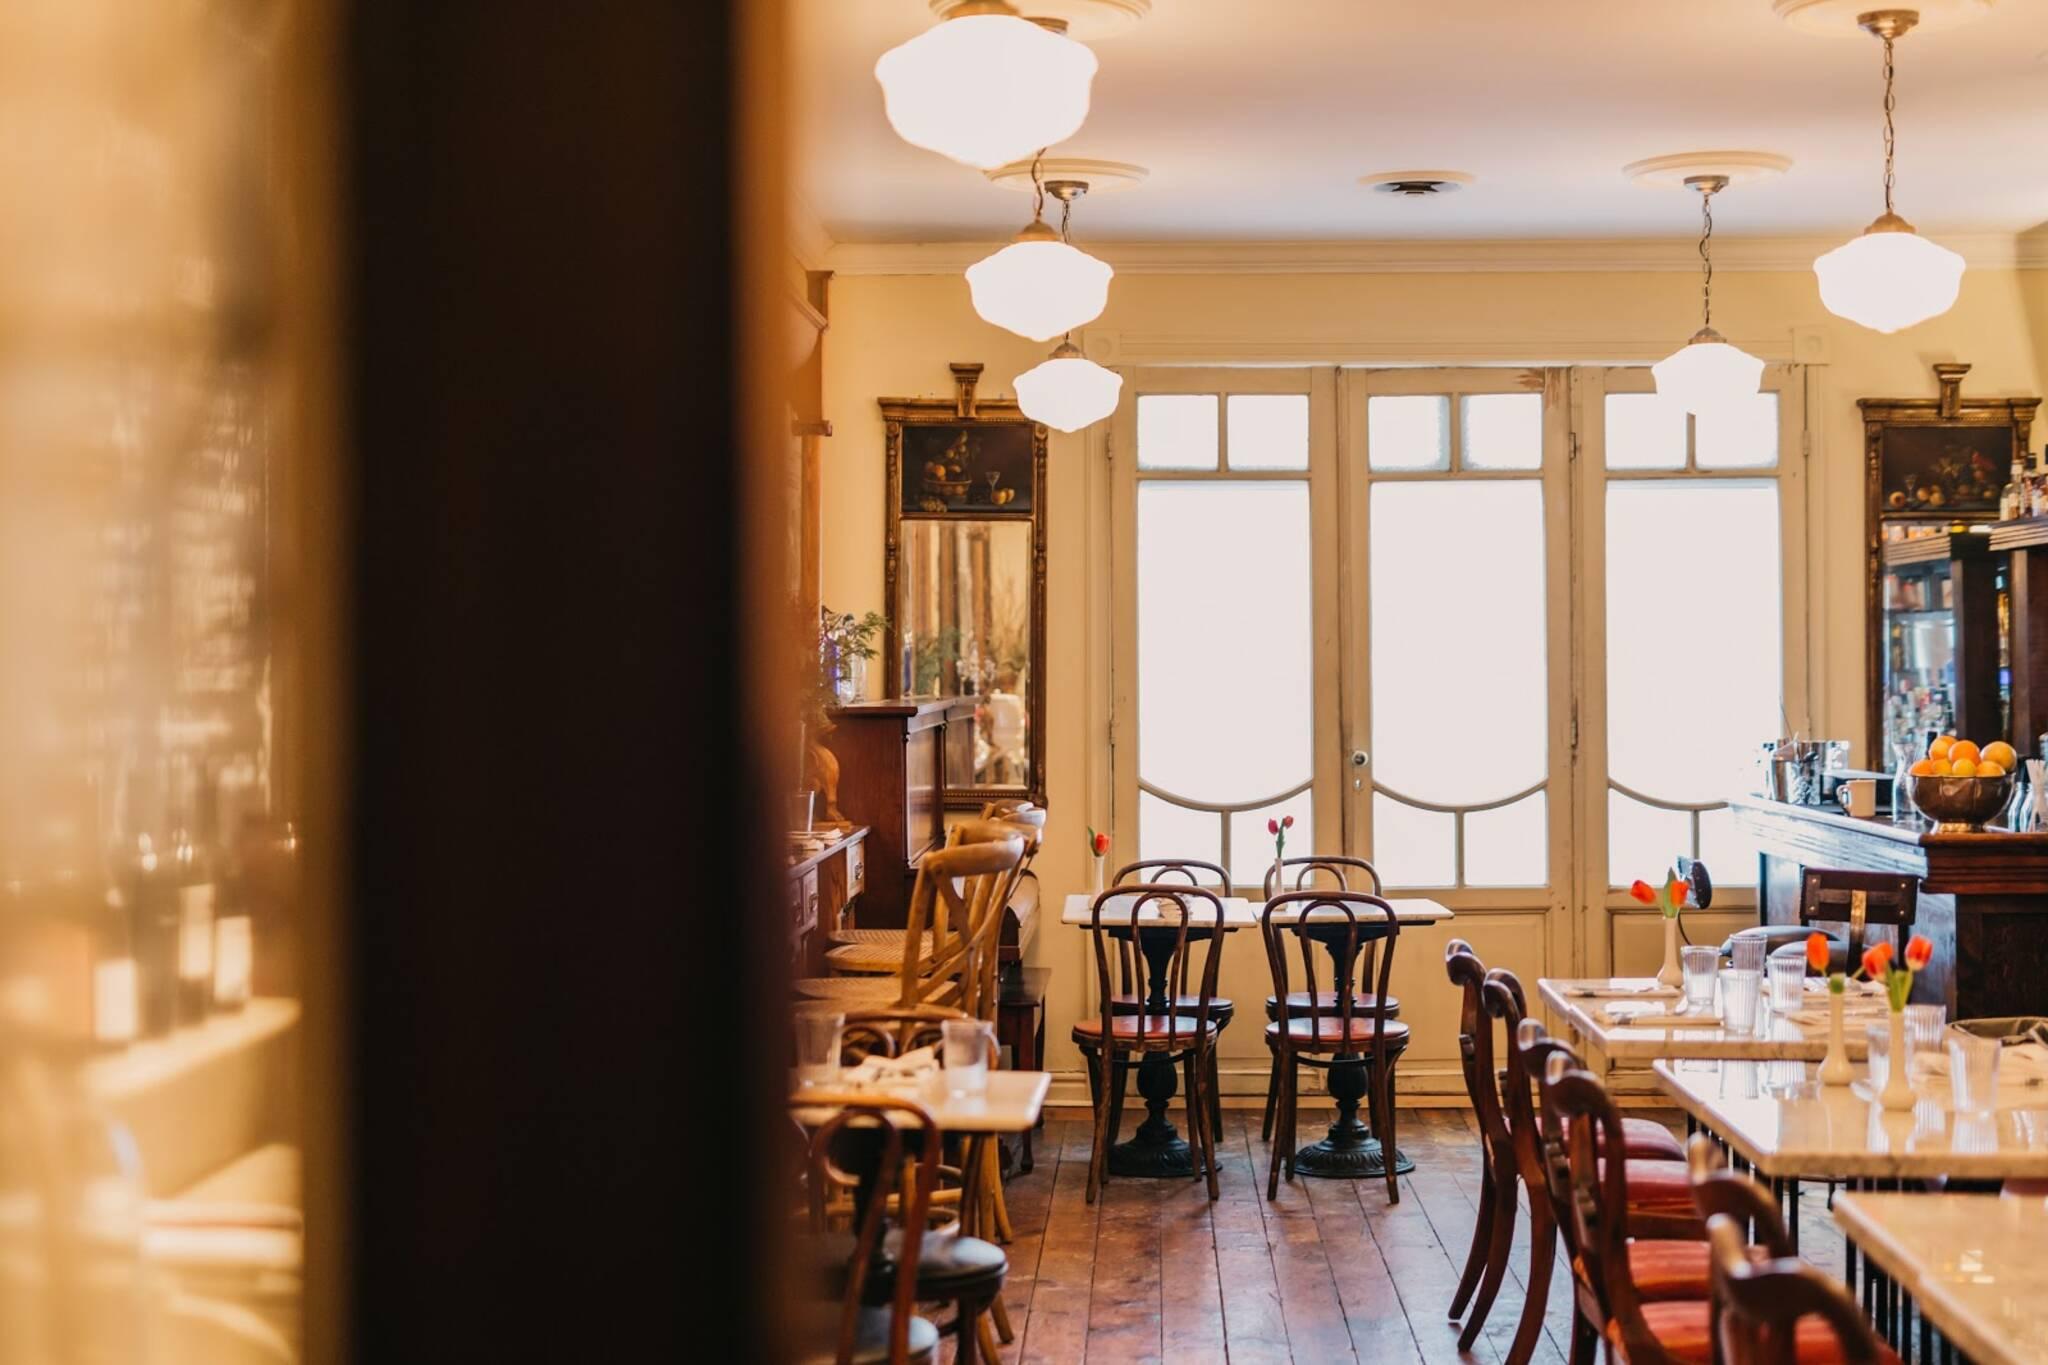 Top O The Senator Restaurant Toronto